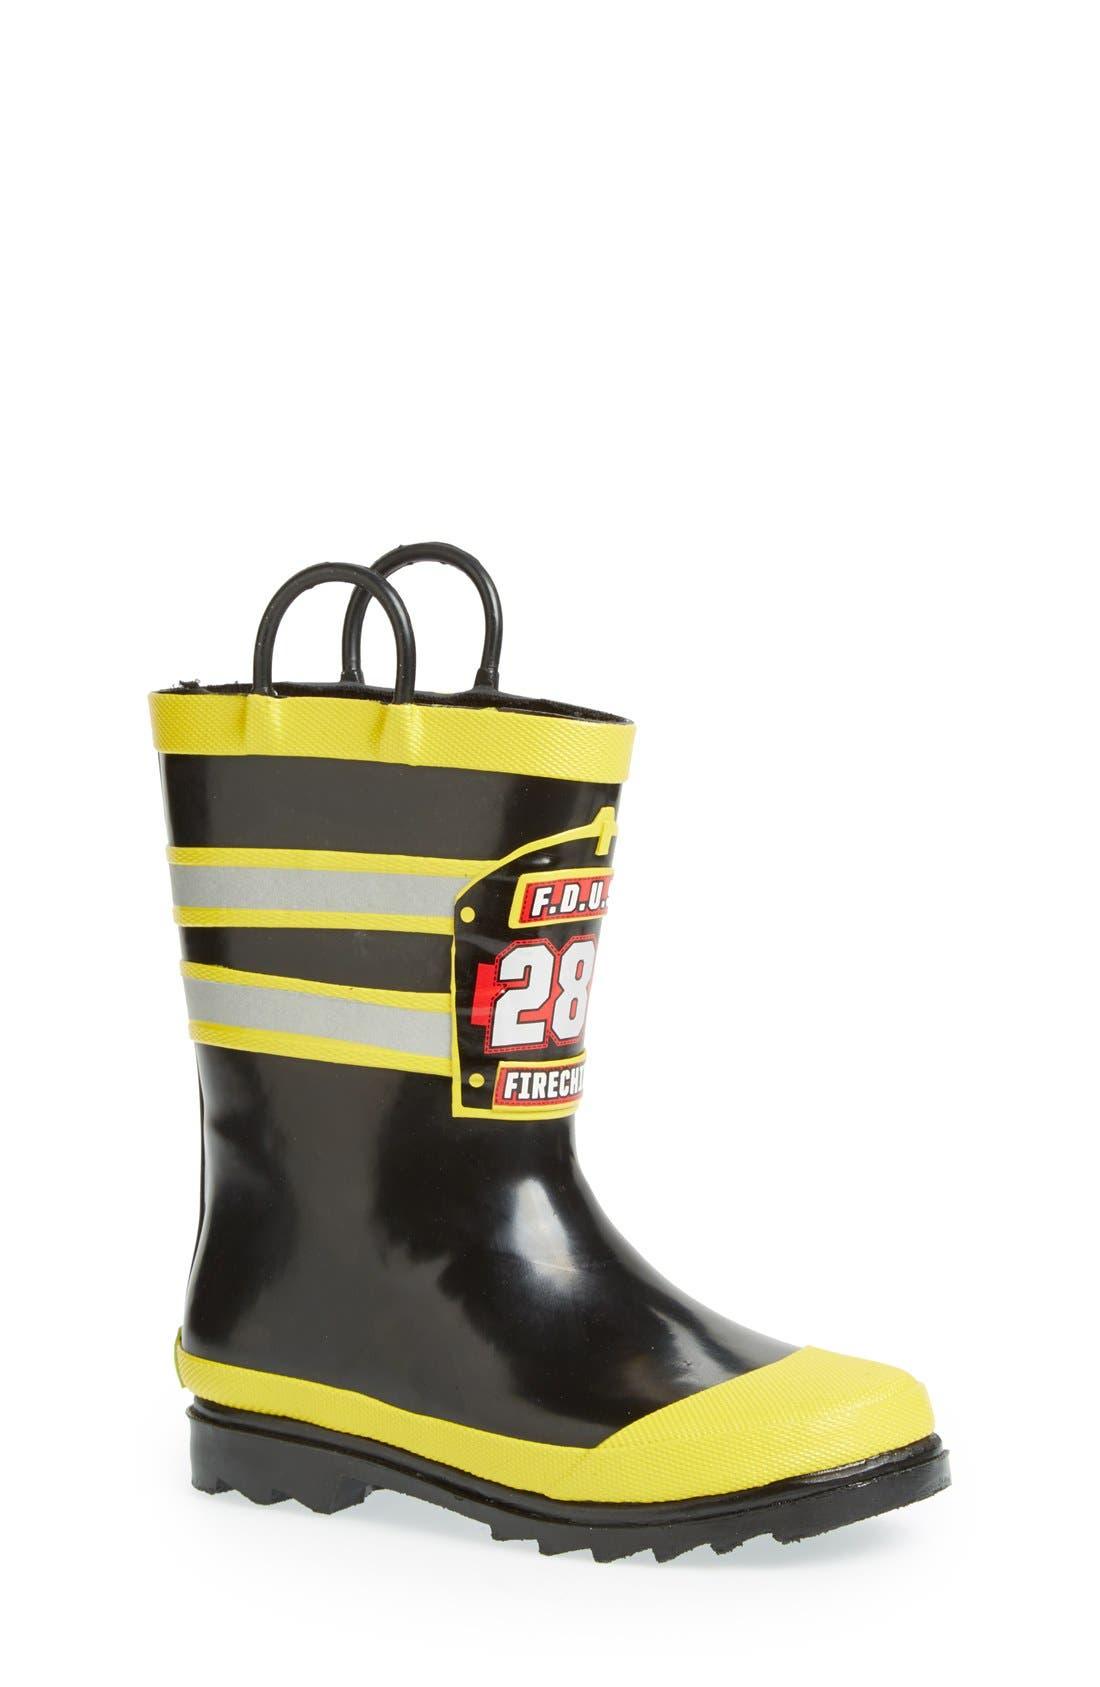 F.D.U.S.A. Rain Boot,                         Main,                         color, BLACK